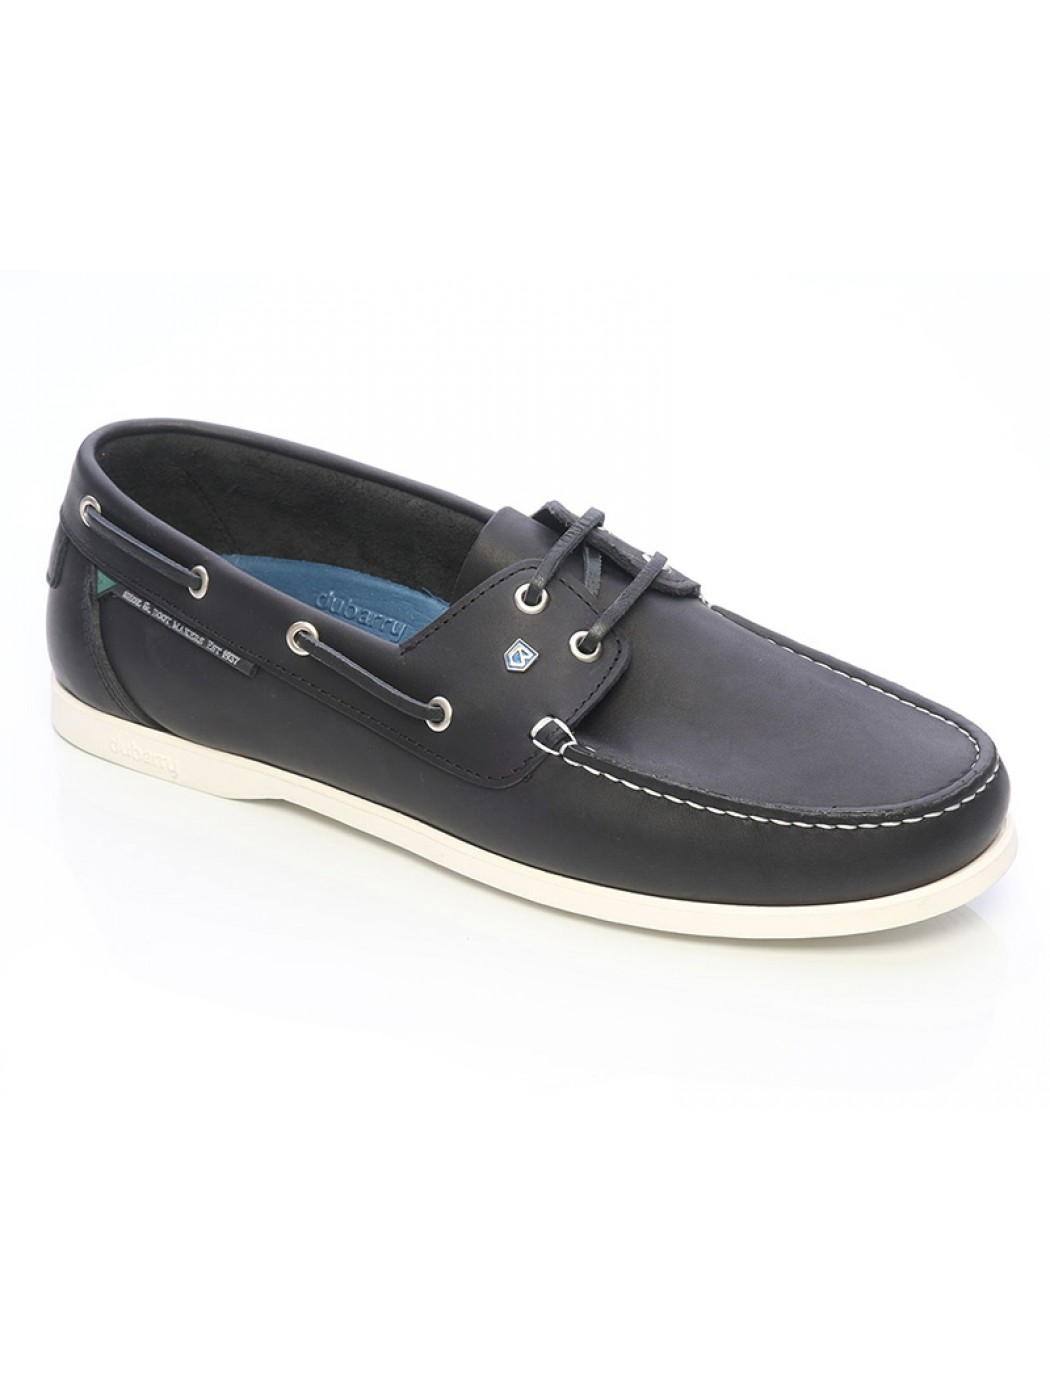 769f5af517f3 ... Dubarry Windward Mens Deck Shoe Taylor Made Designs